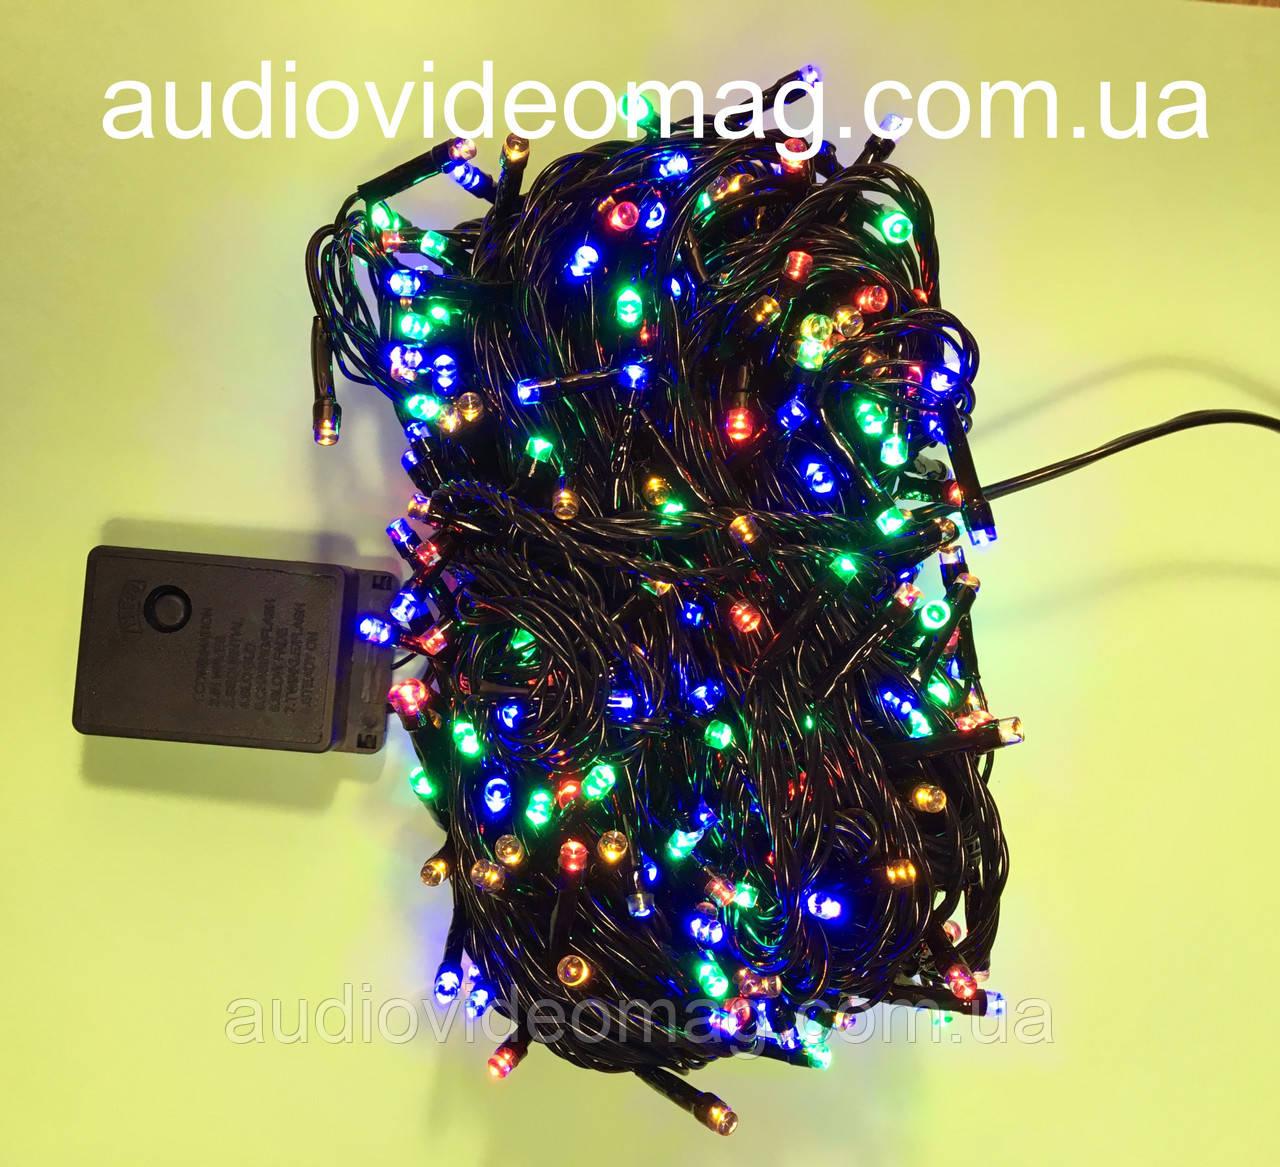 Новогодняя гирлянда - 400 светодиодов, 4 цвета, 8 режимов свечения